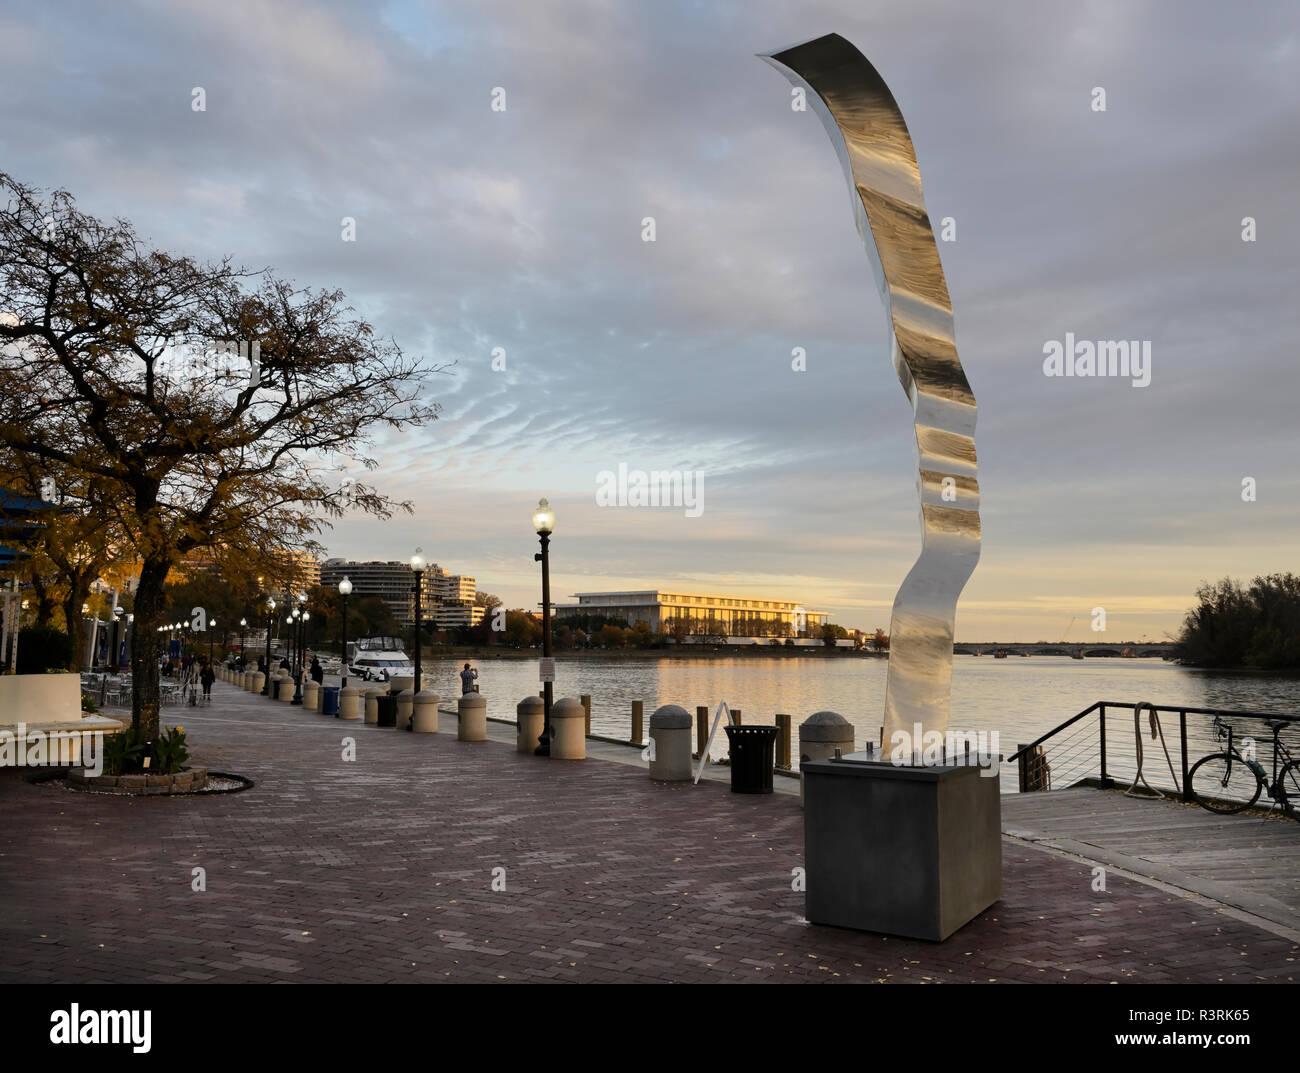 Georgetown Waterfront Park Fußgängerweg entlang Potomoac Fluss mit Skulptur, Mutter Erde von Barton Rubenstein Stockbild